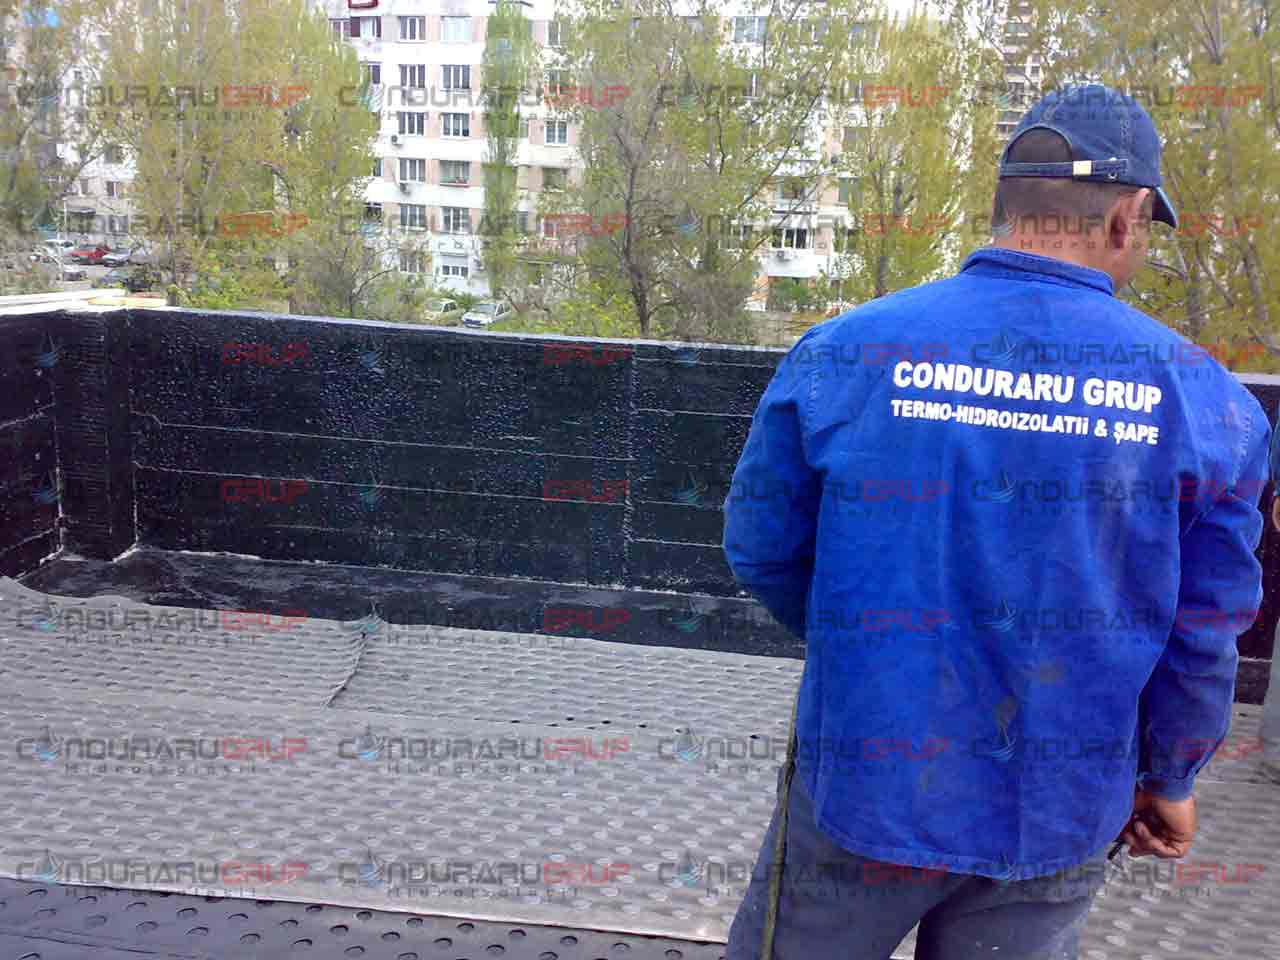 Constructii civile P+2 CONDURARU GRUP - Poza 9